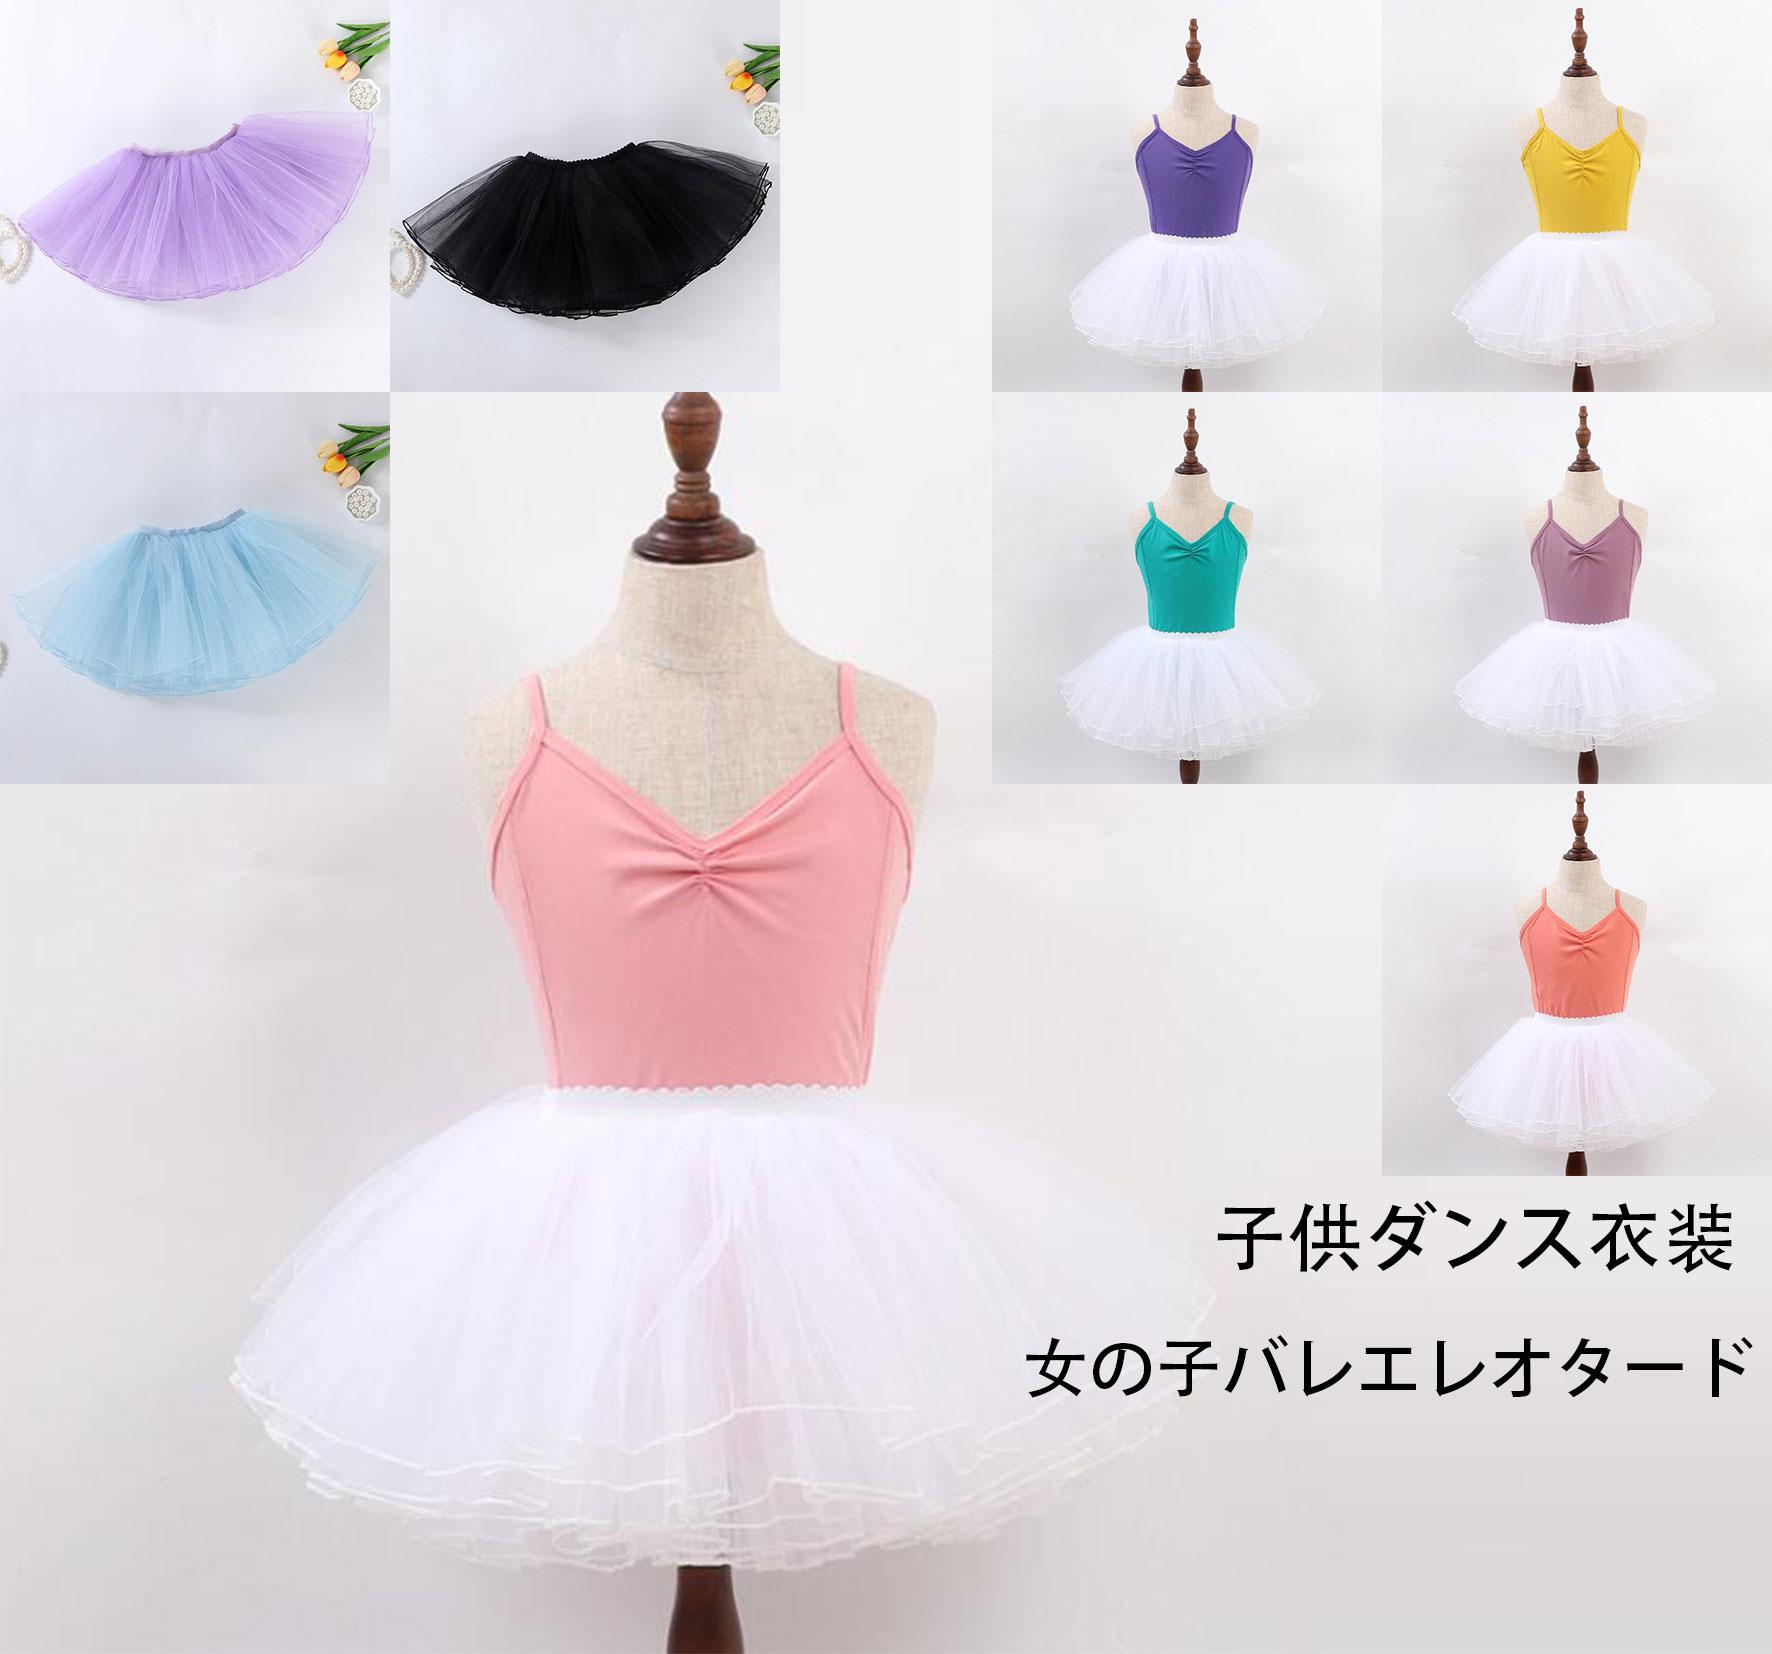 バレエ レオタード 子供 半額 バック出し キャミソール 股の部分ホック付き 女の子 2点 売却 ダンスウェア バレエウェア 6色 スカートの色選べる バレエレオタード+チュールスカート